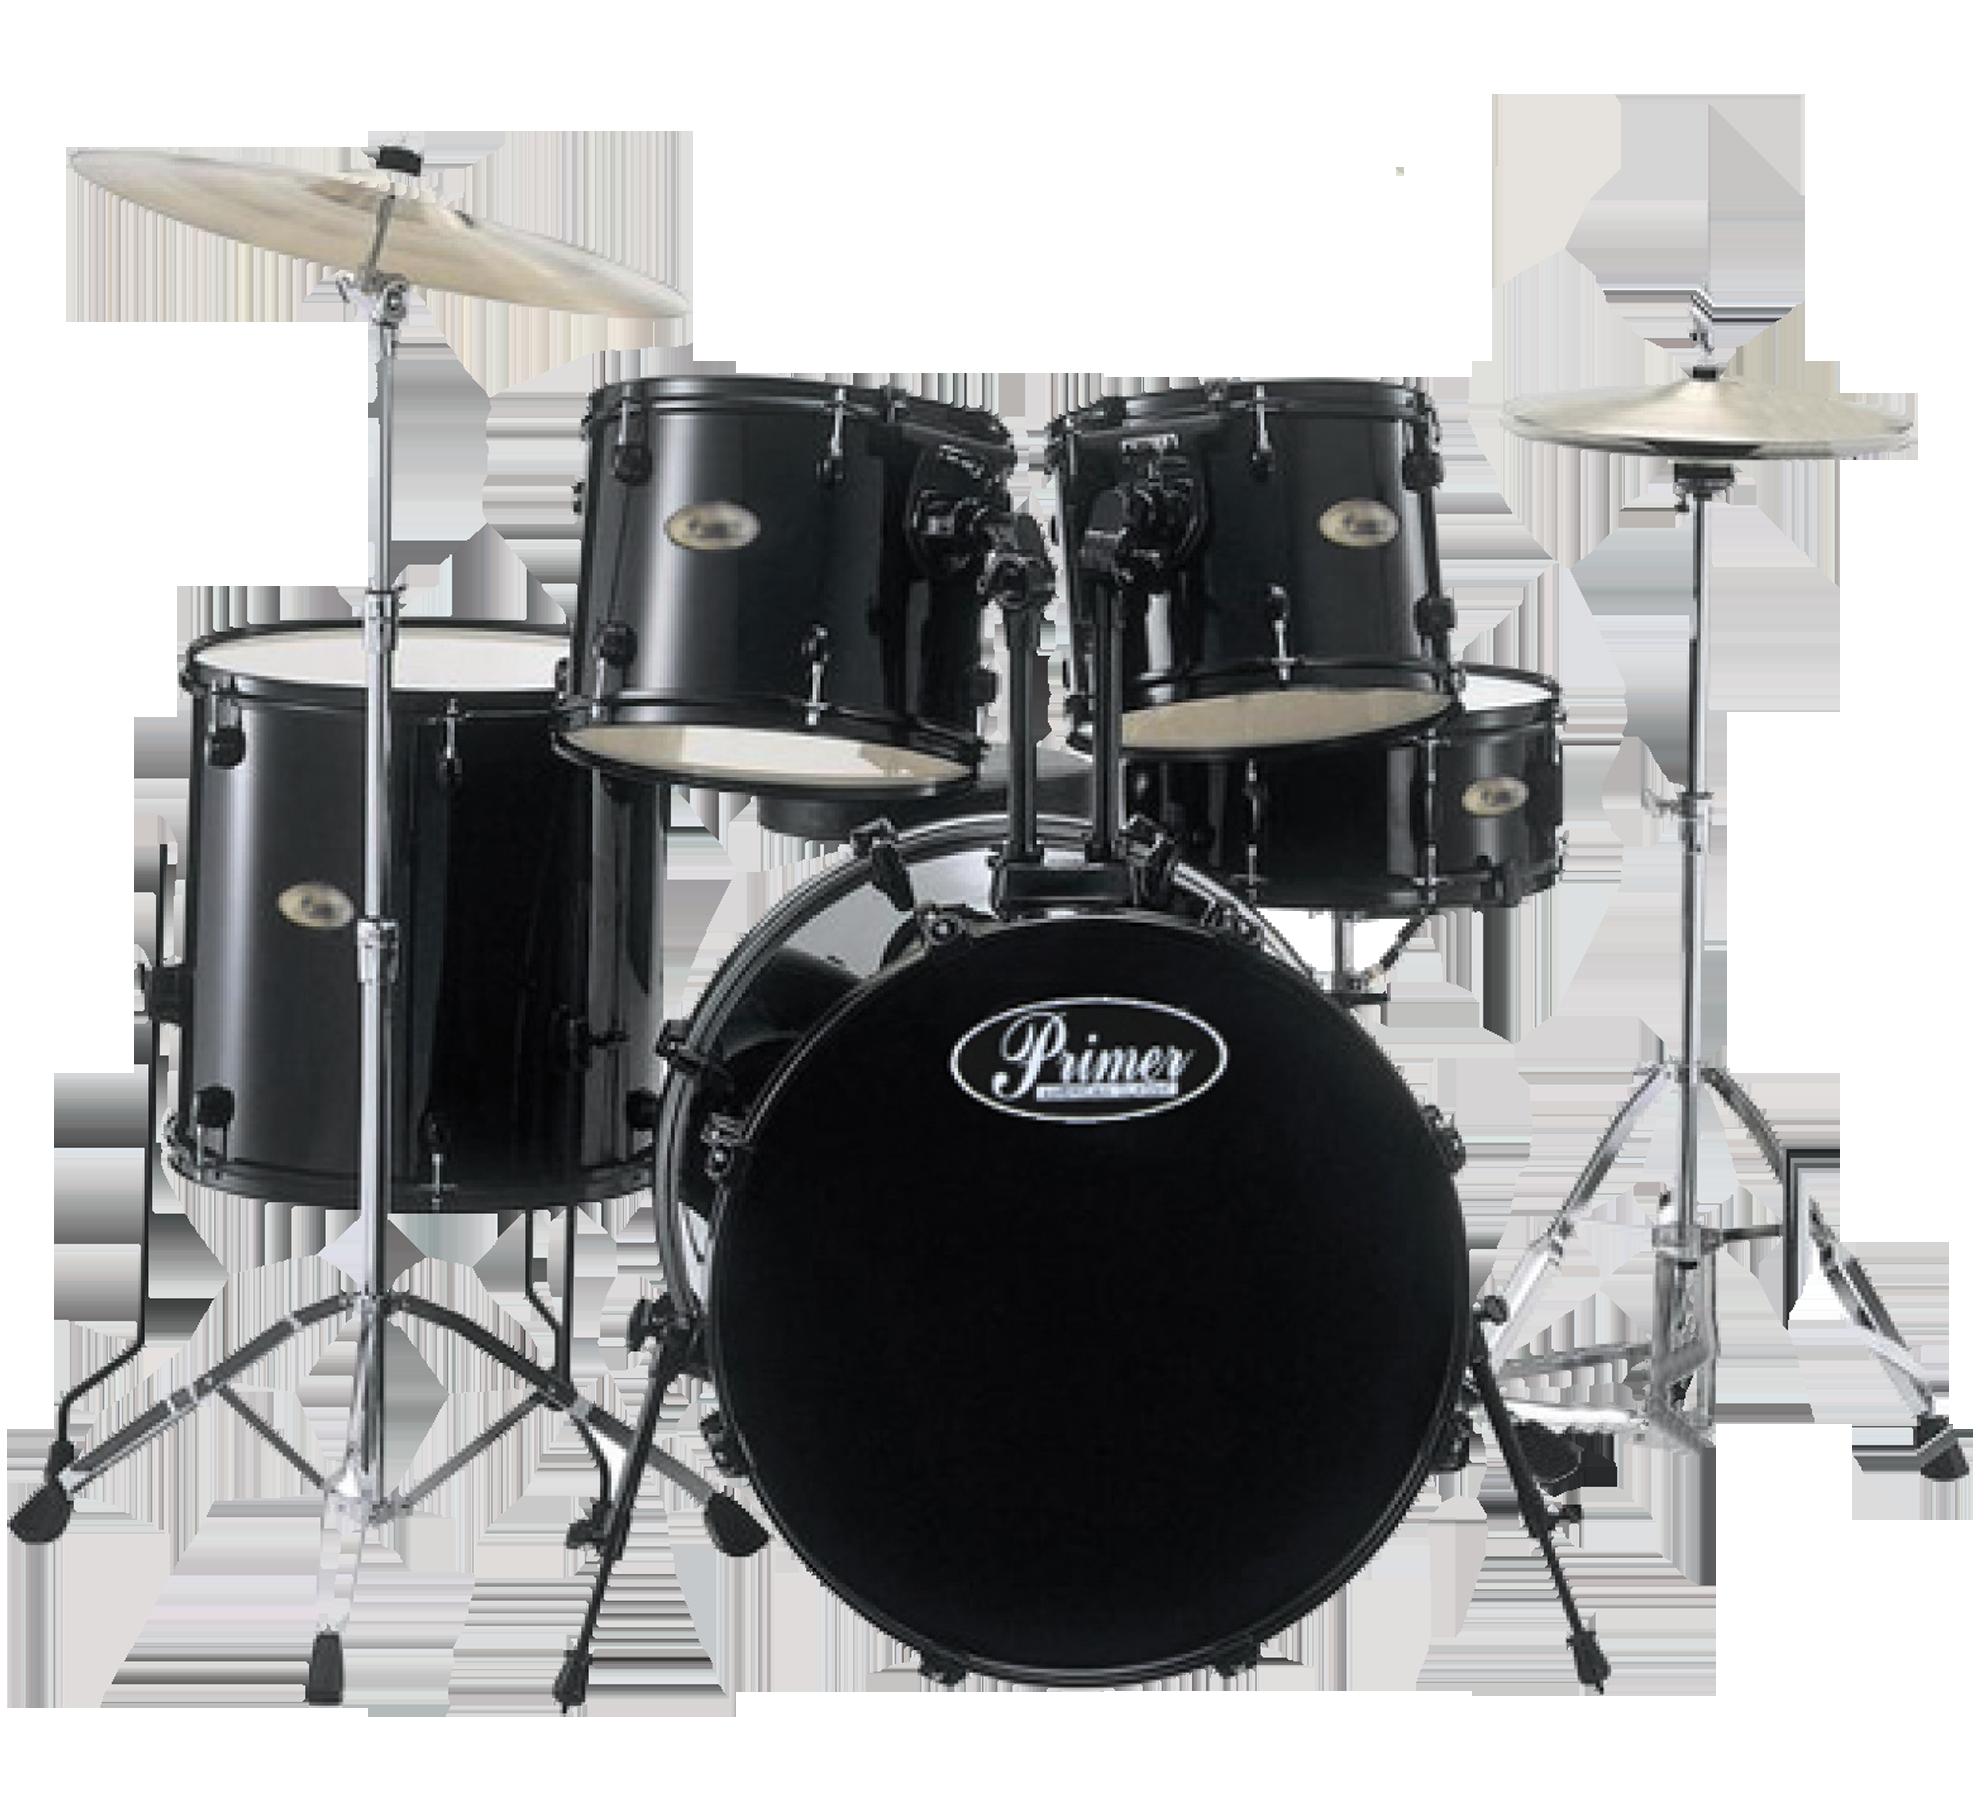 Primer Drums Kit PNG Image.